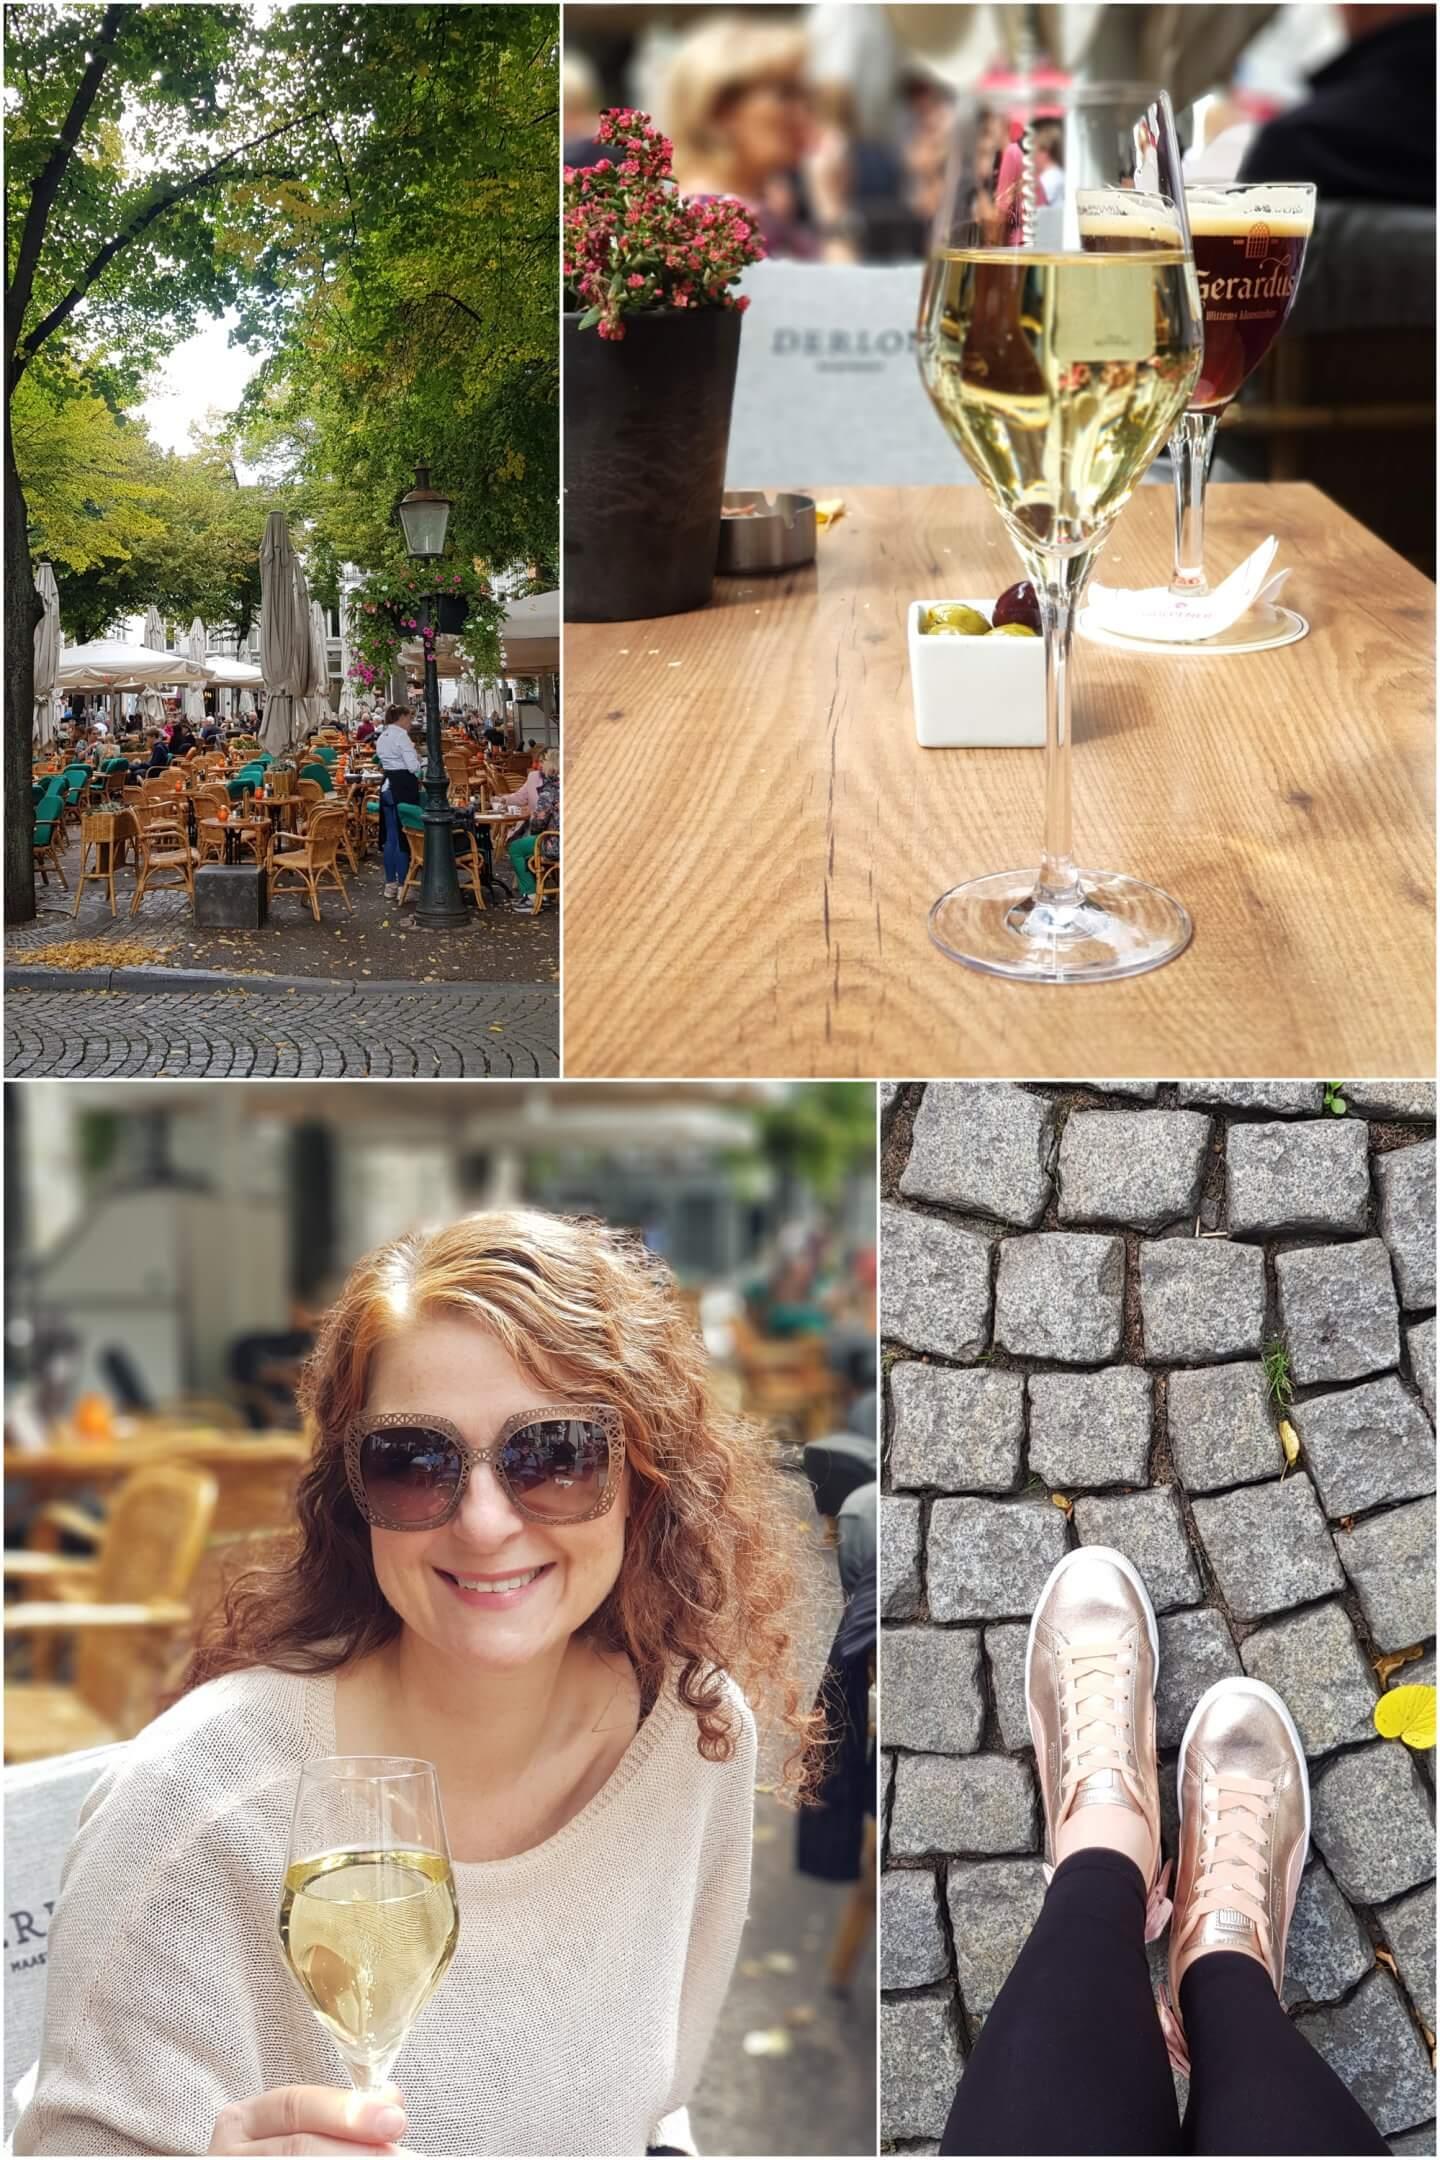 Maastricht Derlon Onze Lievevrouwen plein Champagner